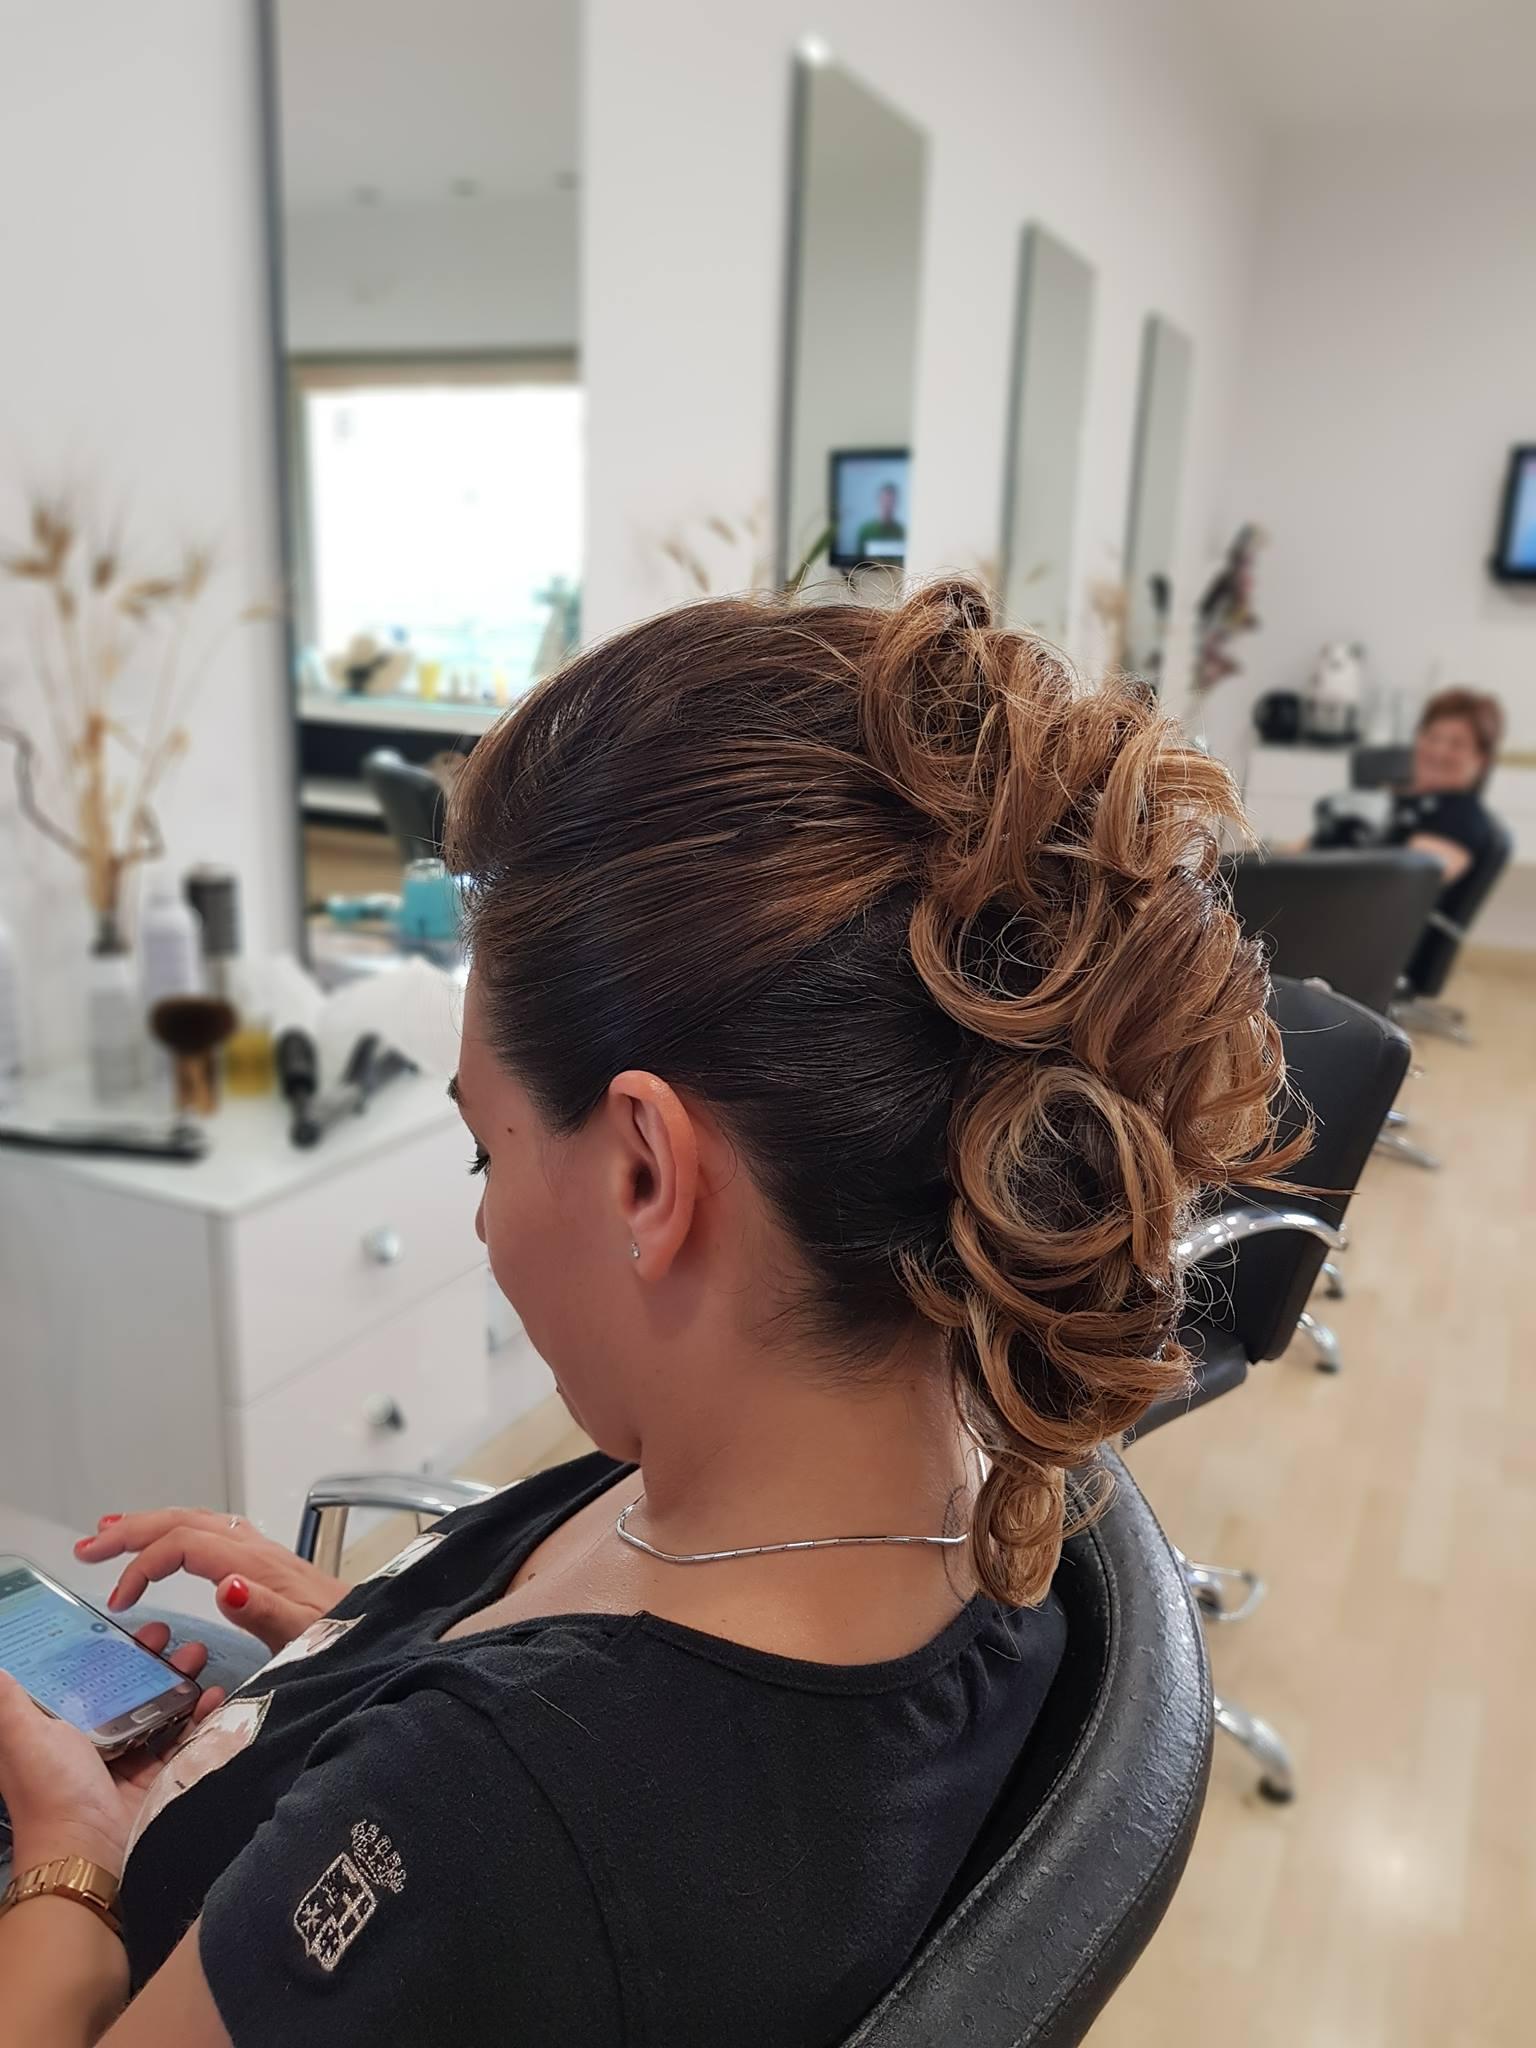 Parrucchiere spruzza lacca sui capelli della cliente.